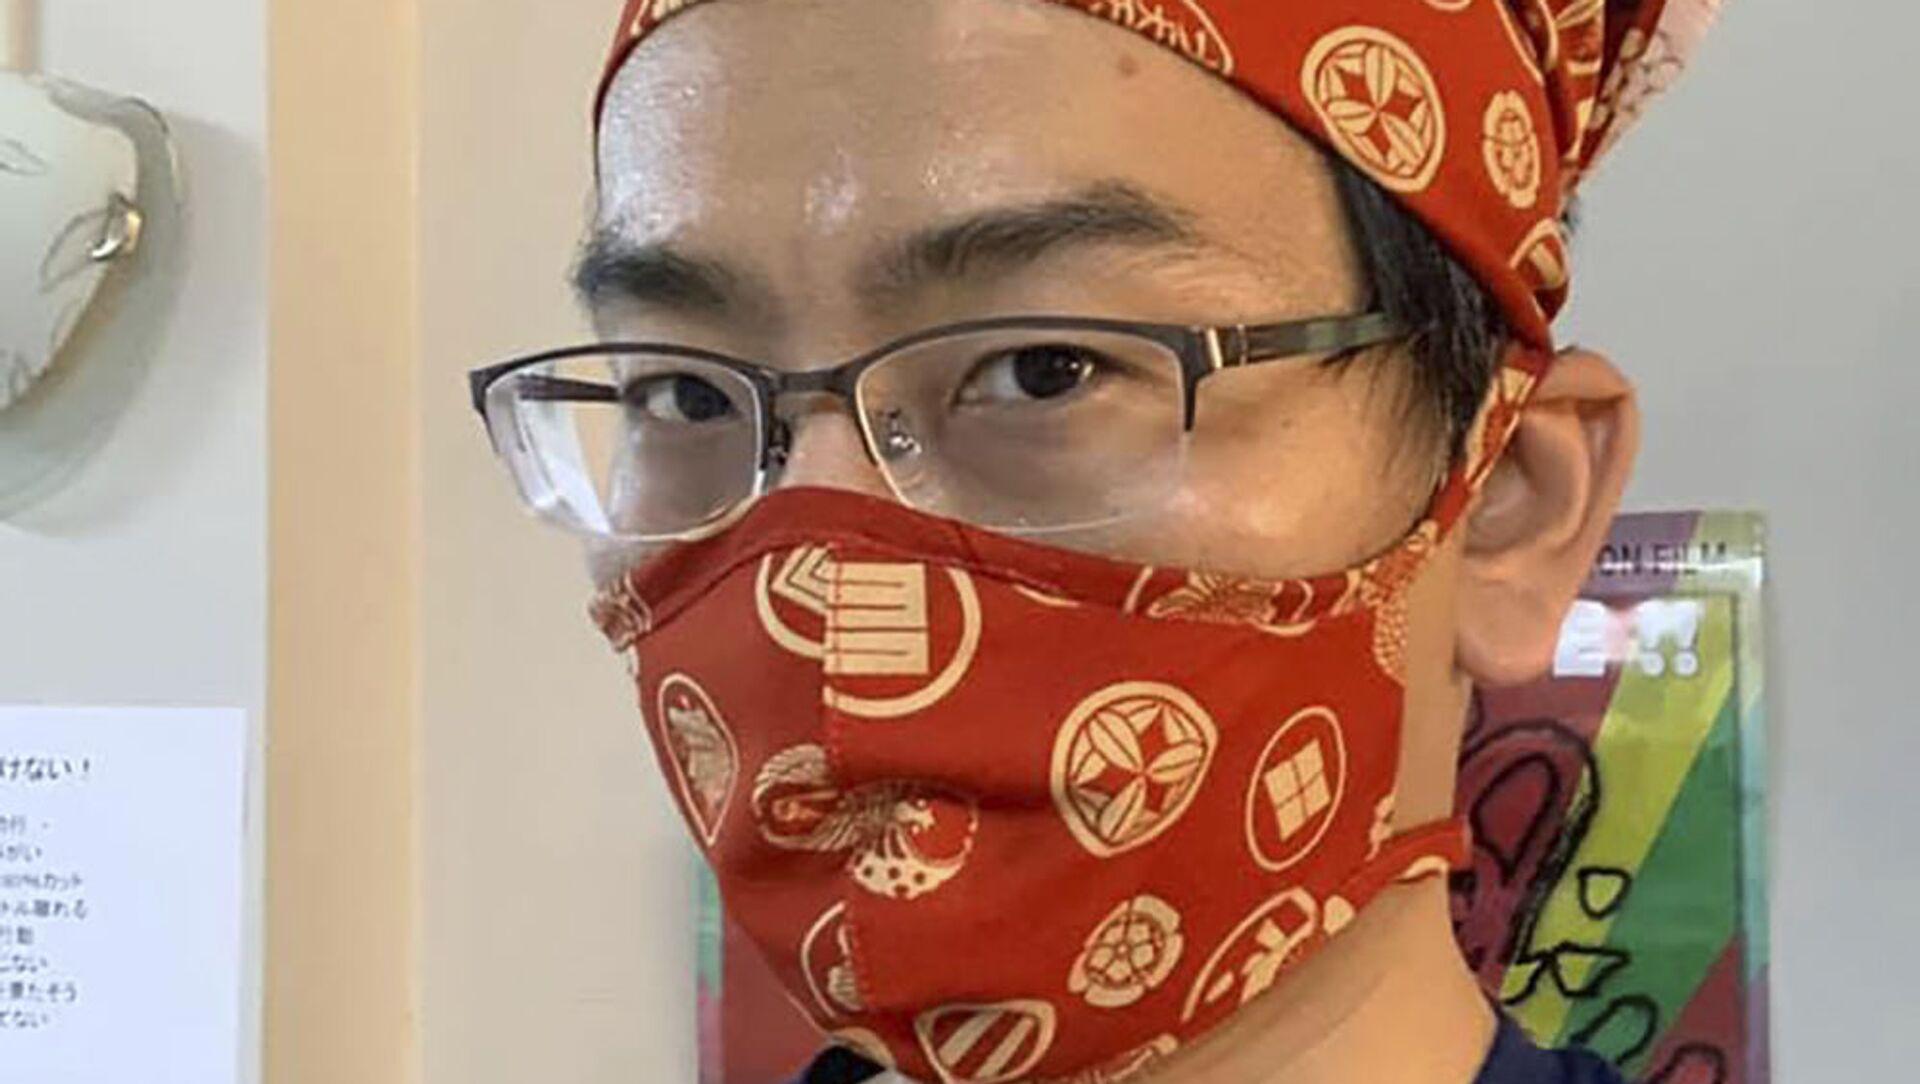 ミャンマーで日本人記者訴追 最長禁錮3年の可能性 - Sputnik 日本, 1920, 20.04.2021